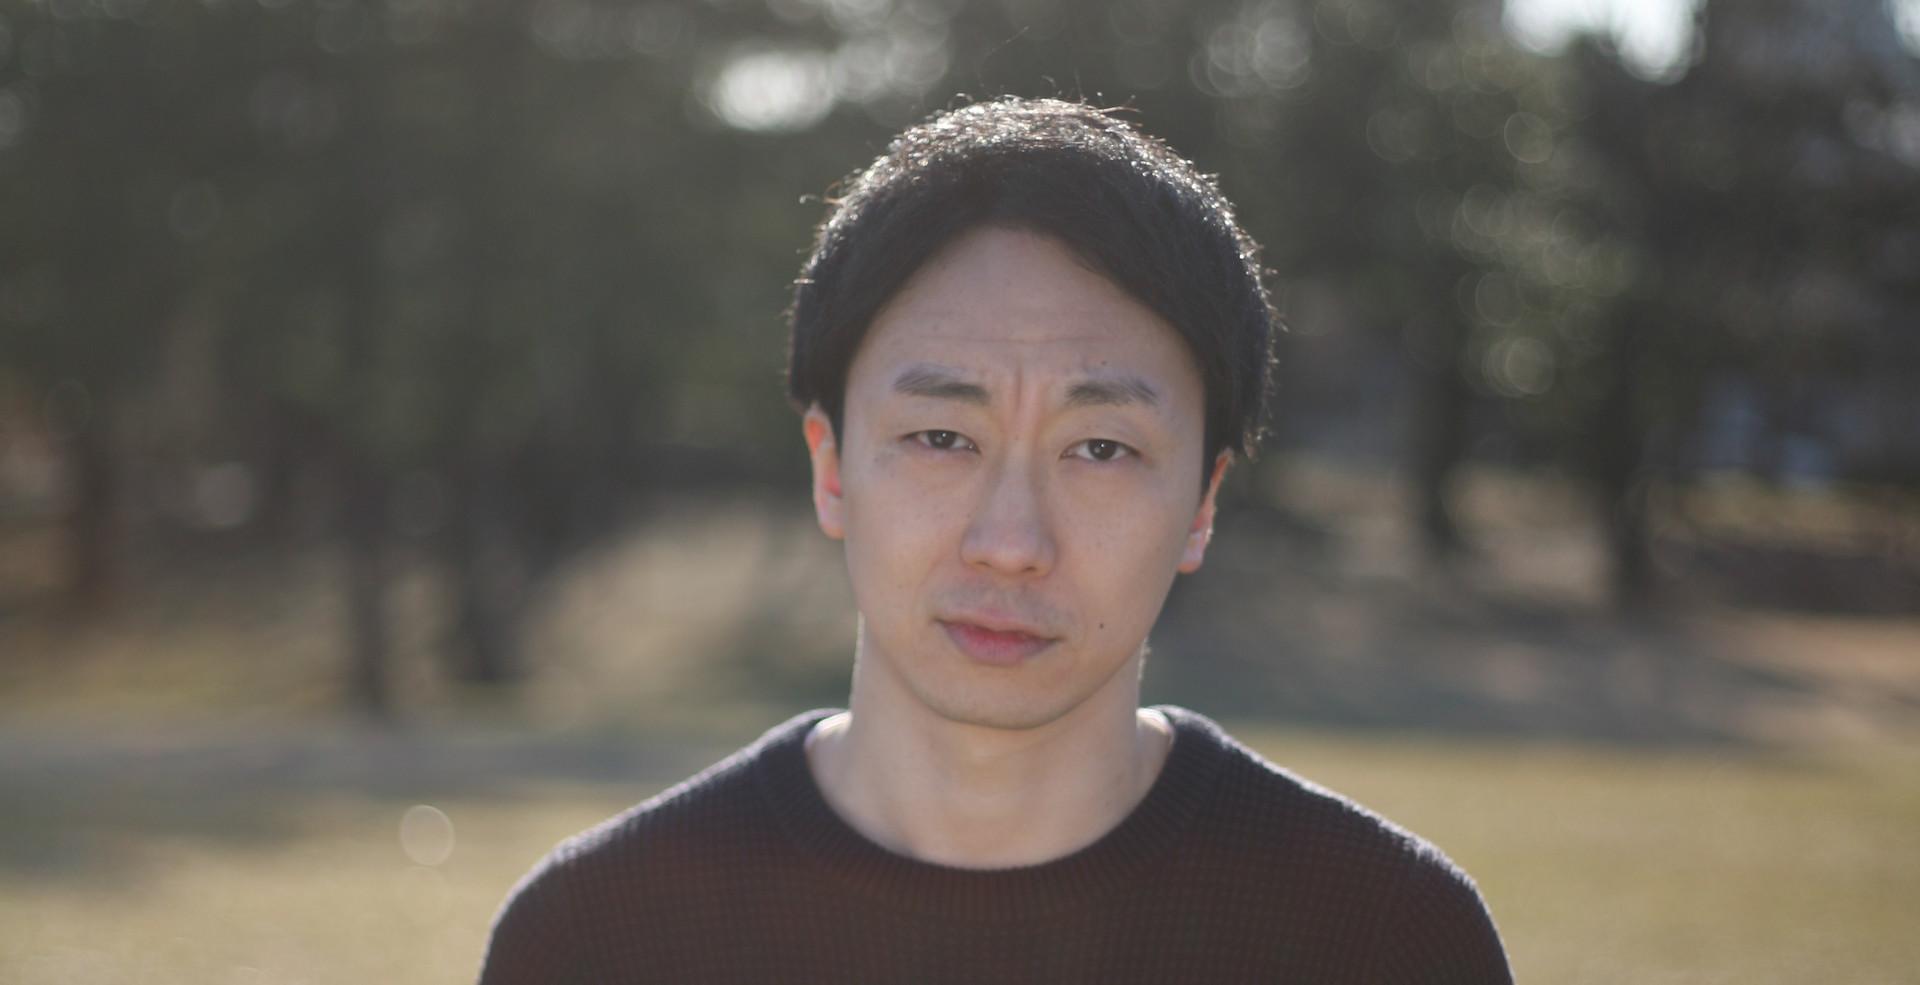 斉藤マッチュ_サイトウマッチュ_High endz_ハイエンド